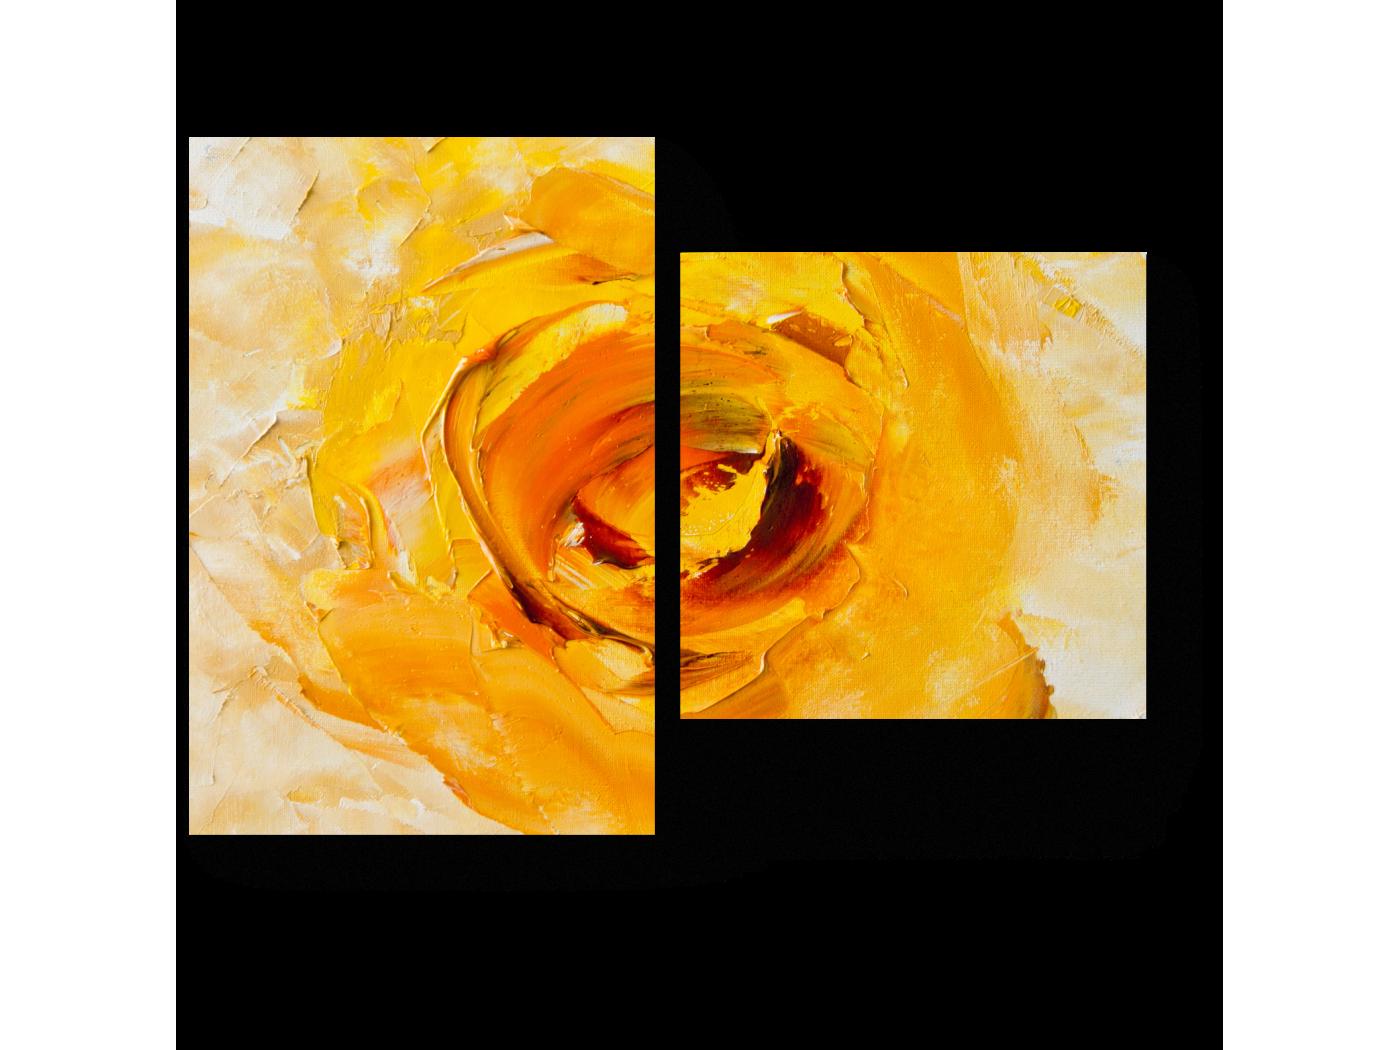 Модульная картина Желтая Фантазия (40x30) фото